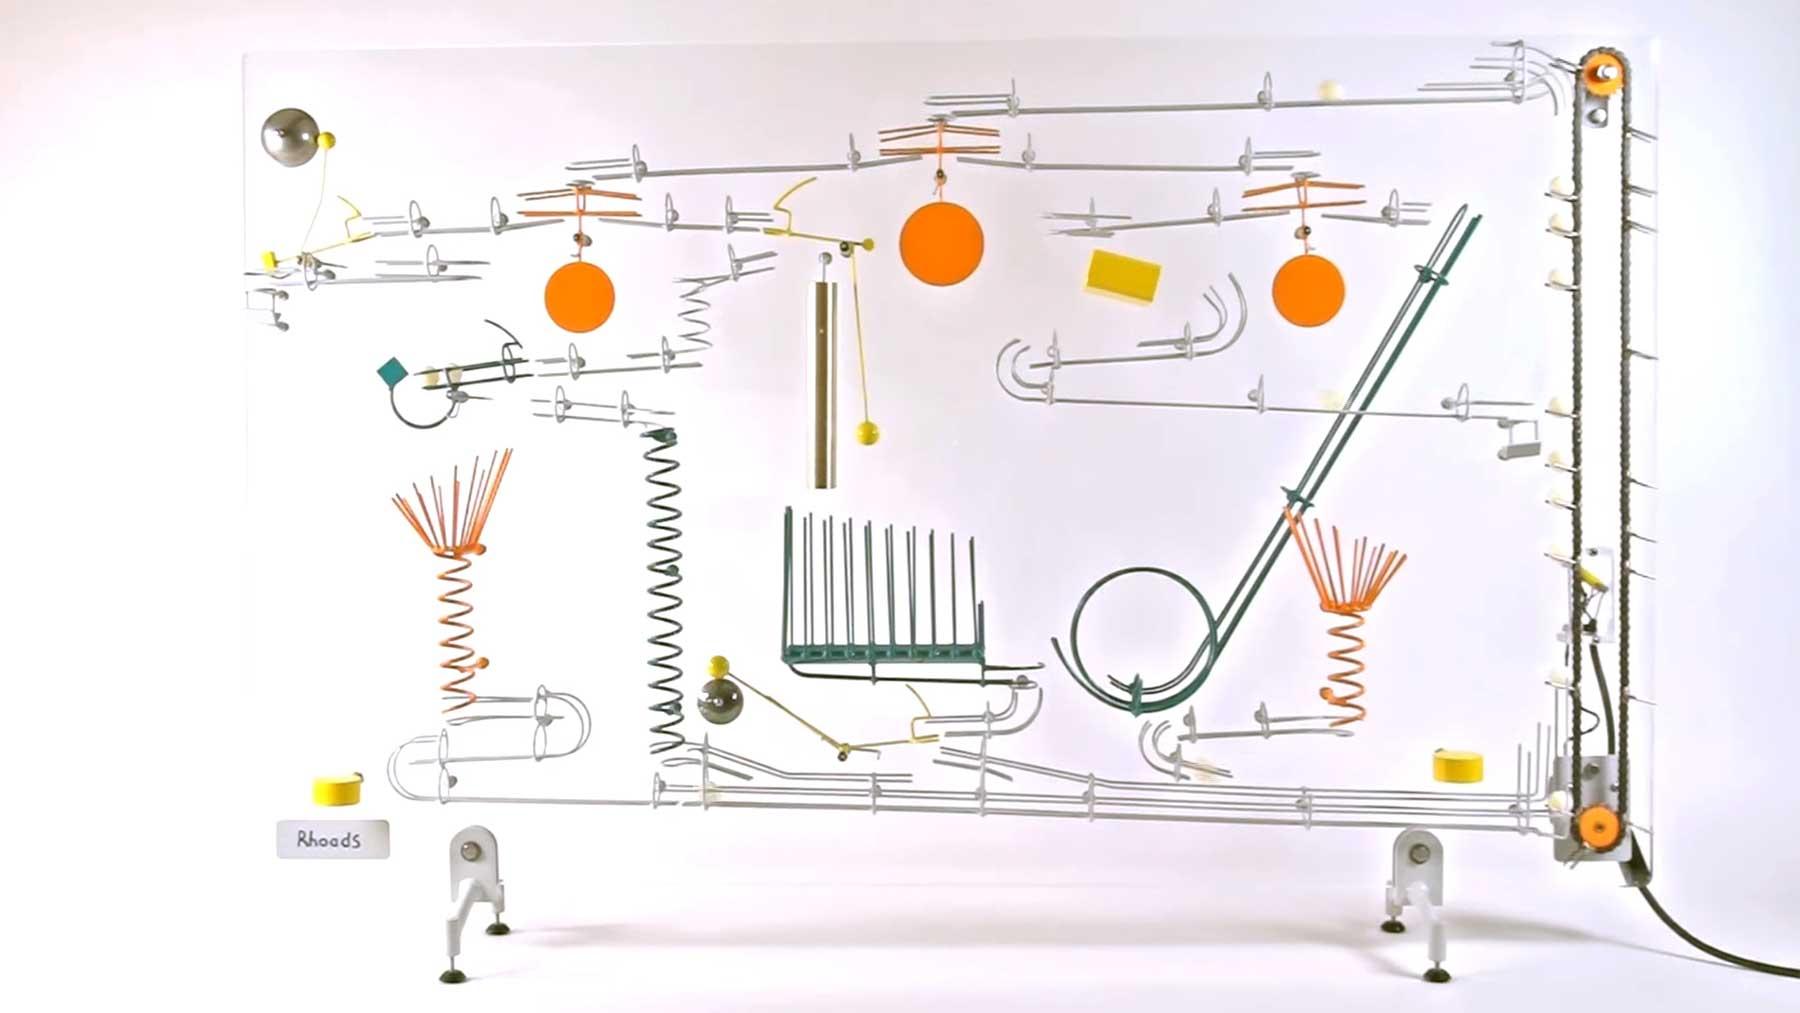 Endlosschleifen-Murmel-Konstruktionen von George Rhoads